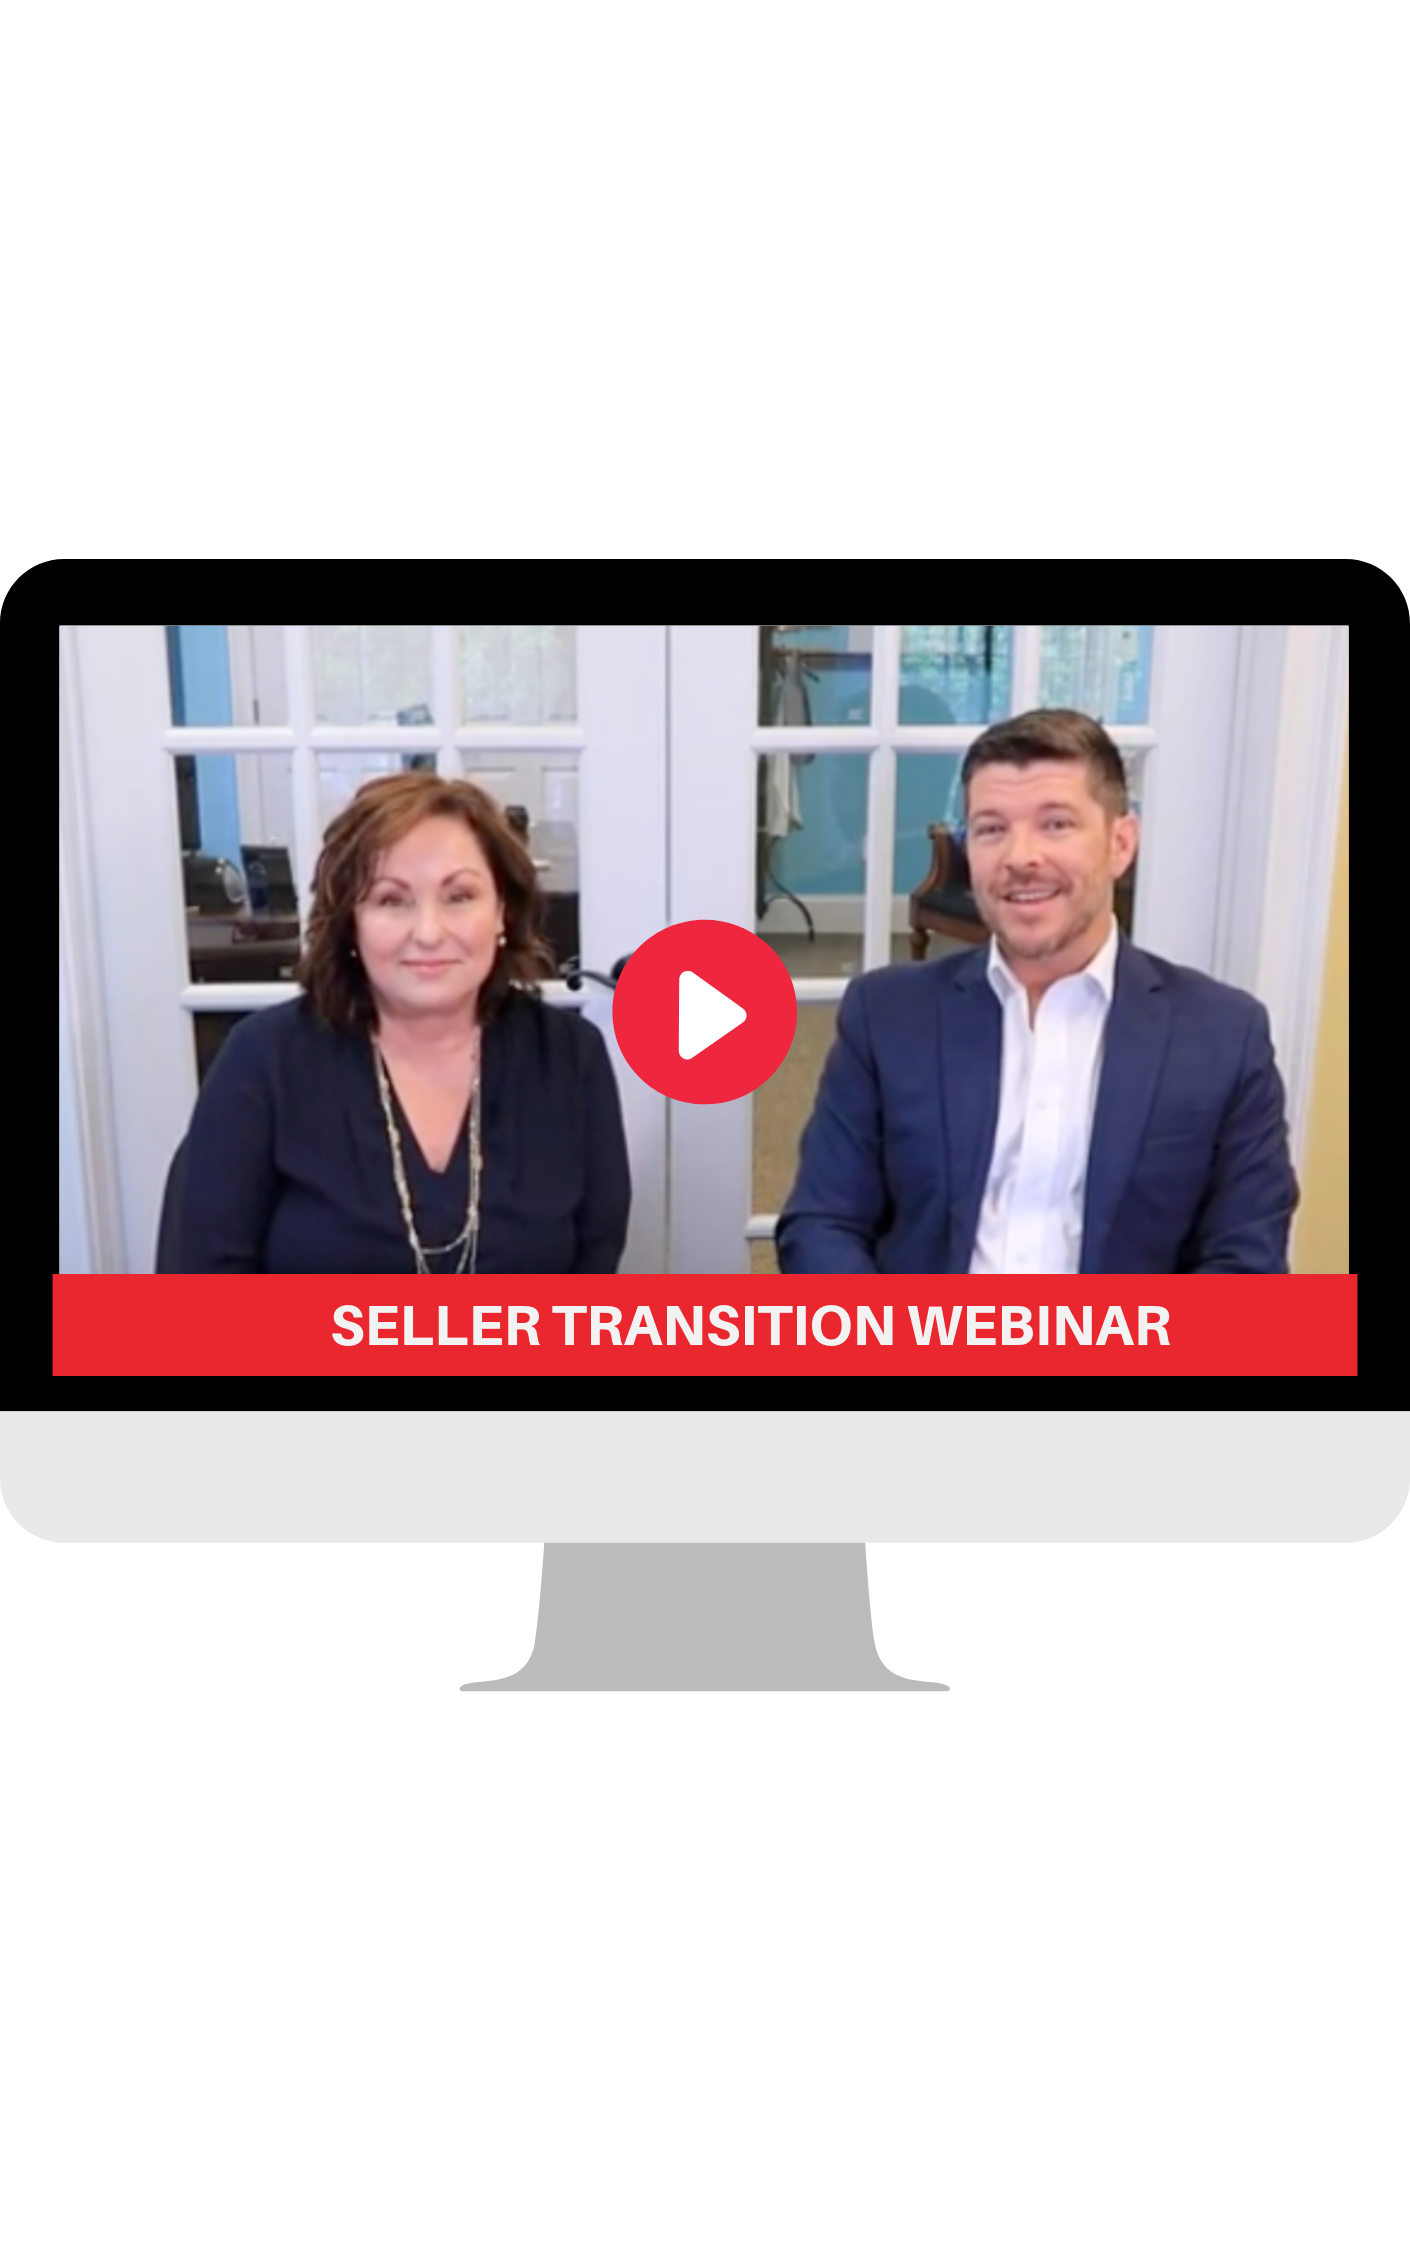 Seller Transition Webinar